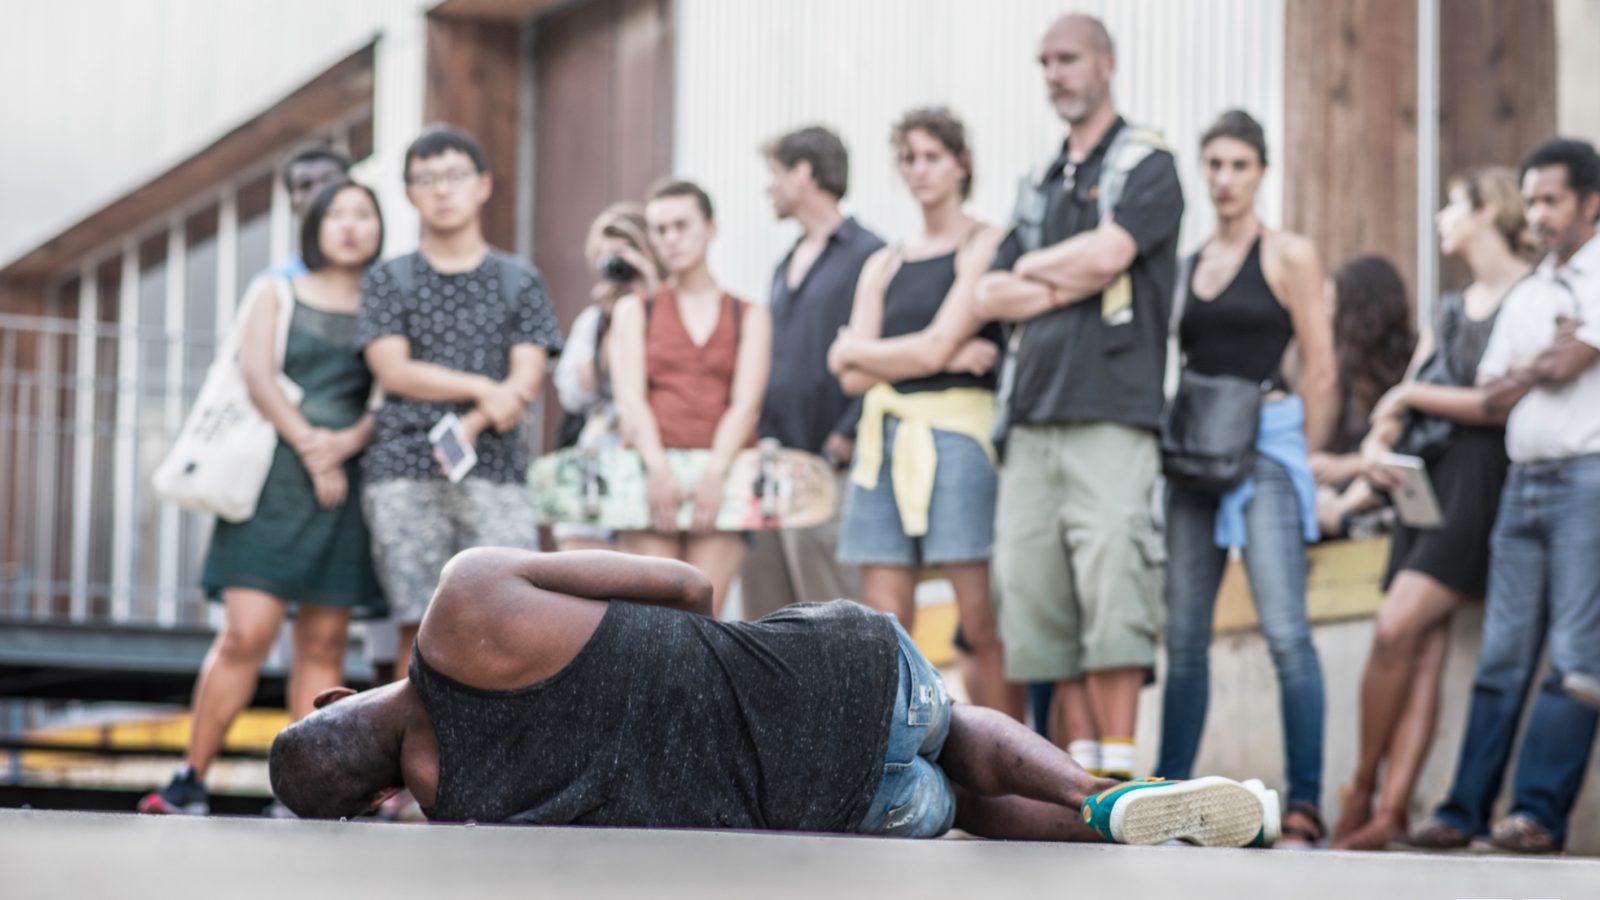 We wachten op de grens fotograaf Franck Martinet